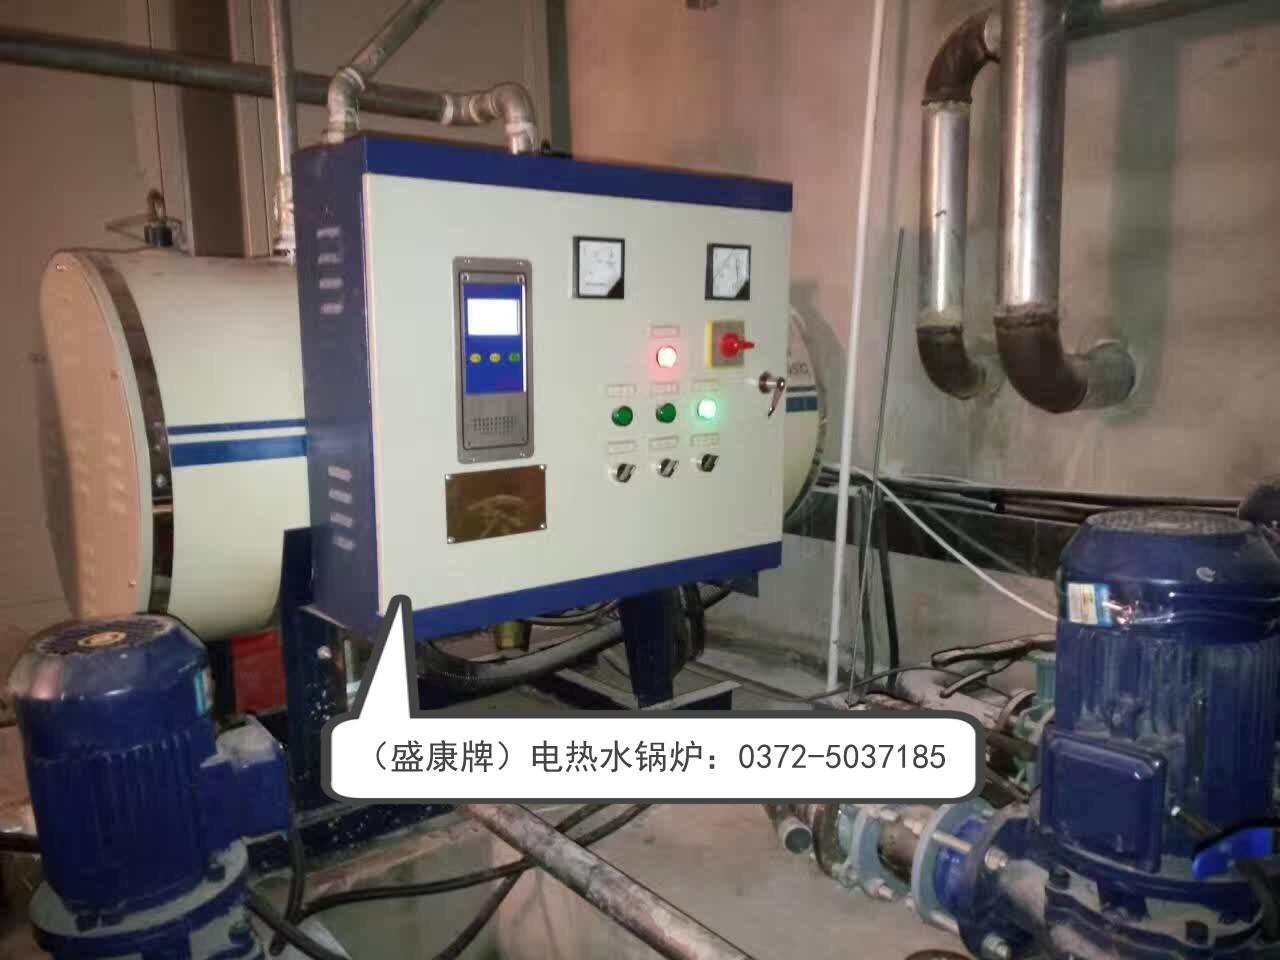 煤改电风机取暖器代替暖气片的好处